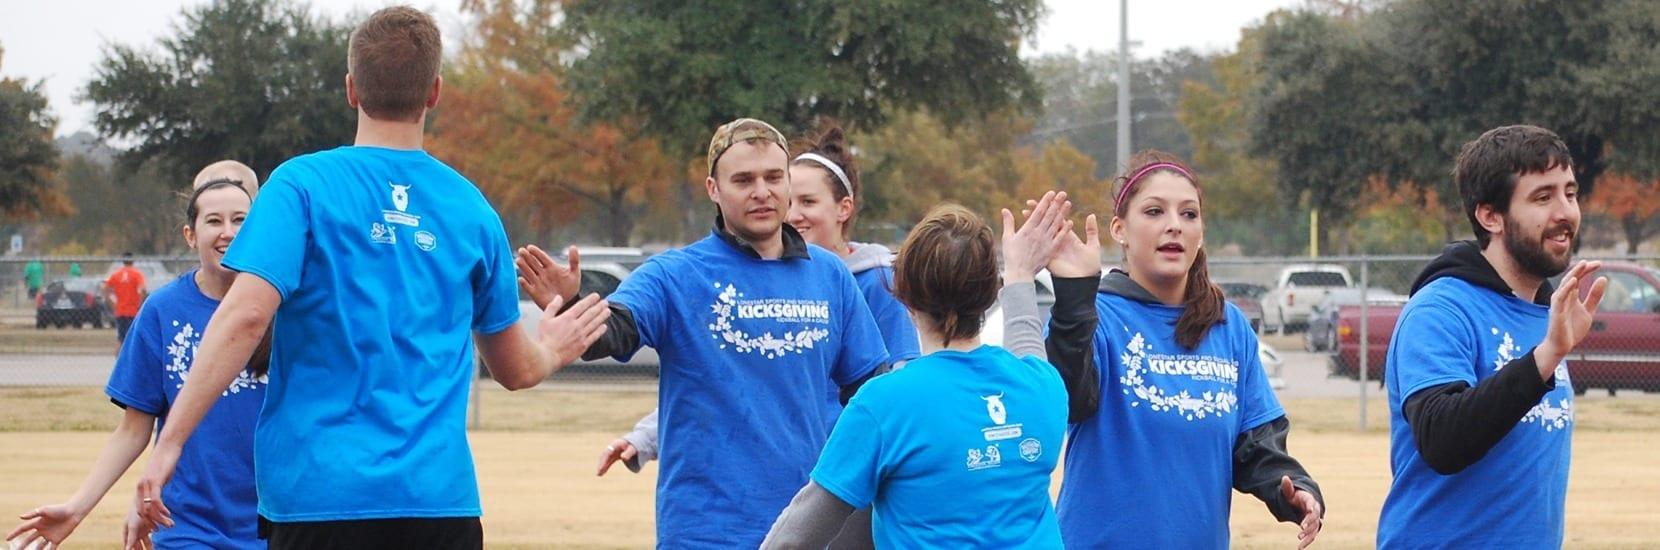 coed kickball tournaments in Dallas